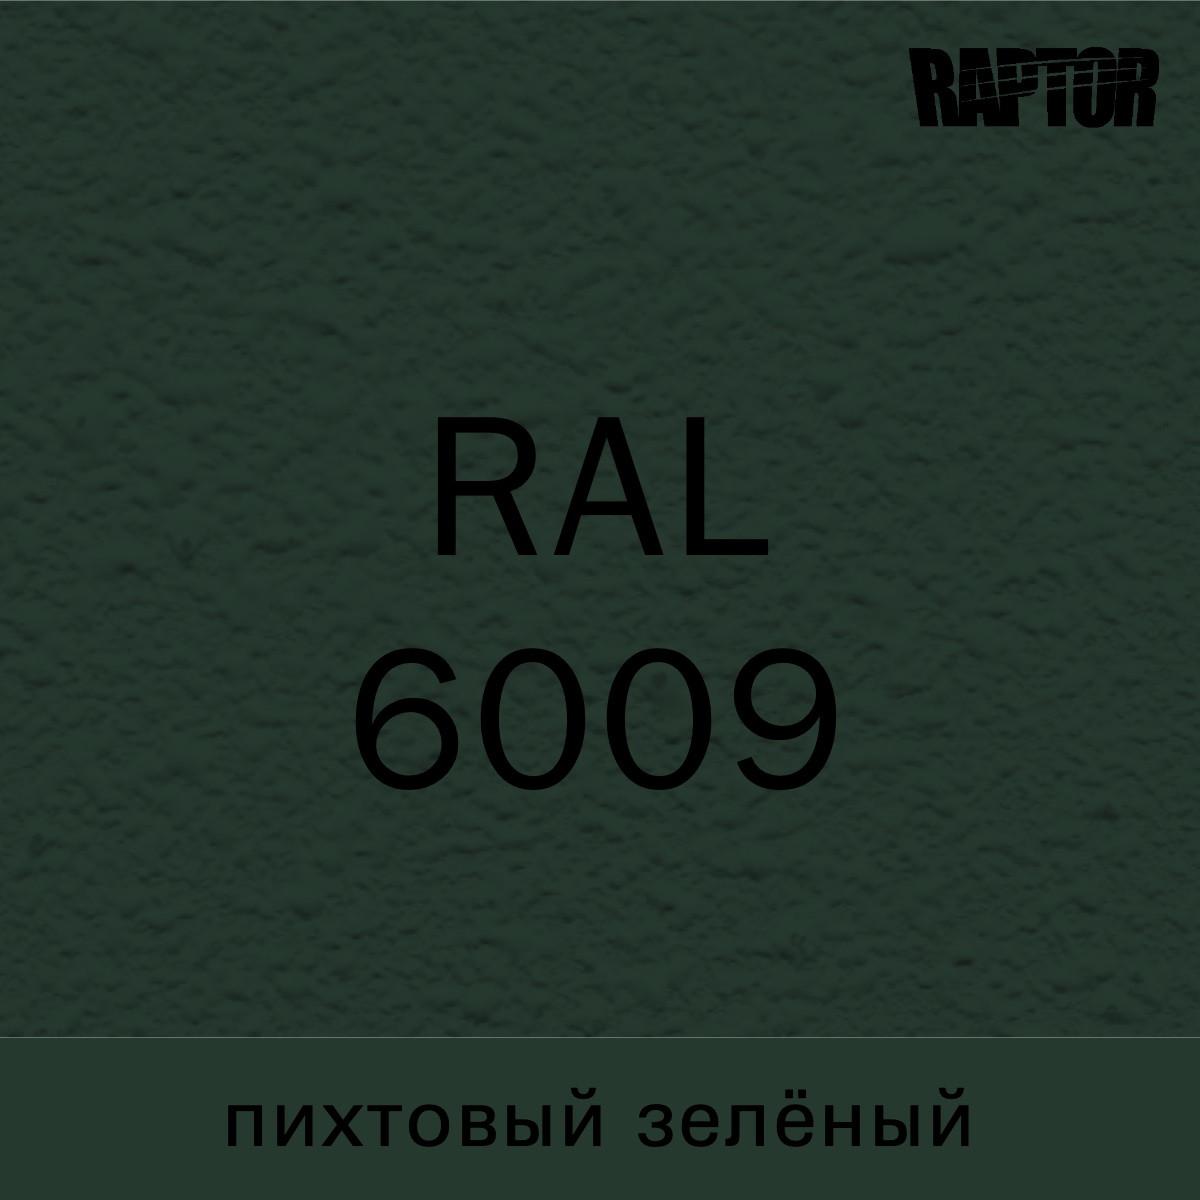 Пигмент для колеровки покрытия RAPTOR™ Пихтовый зелёный (RAL 6009)